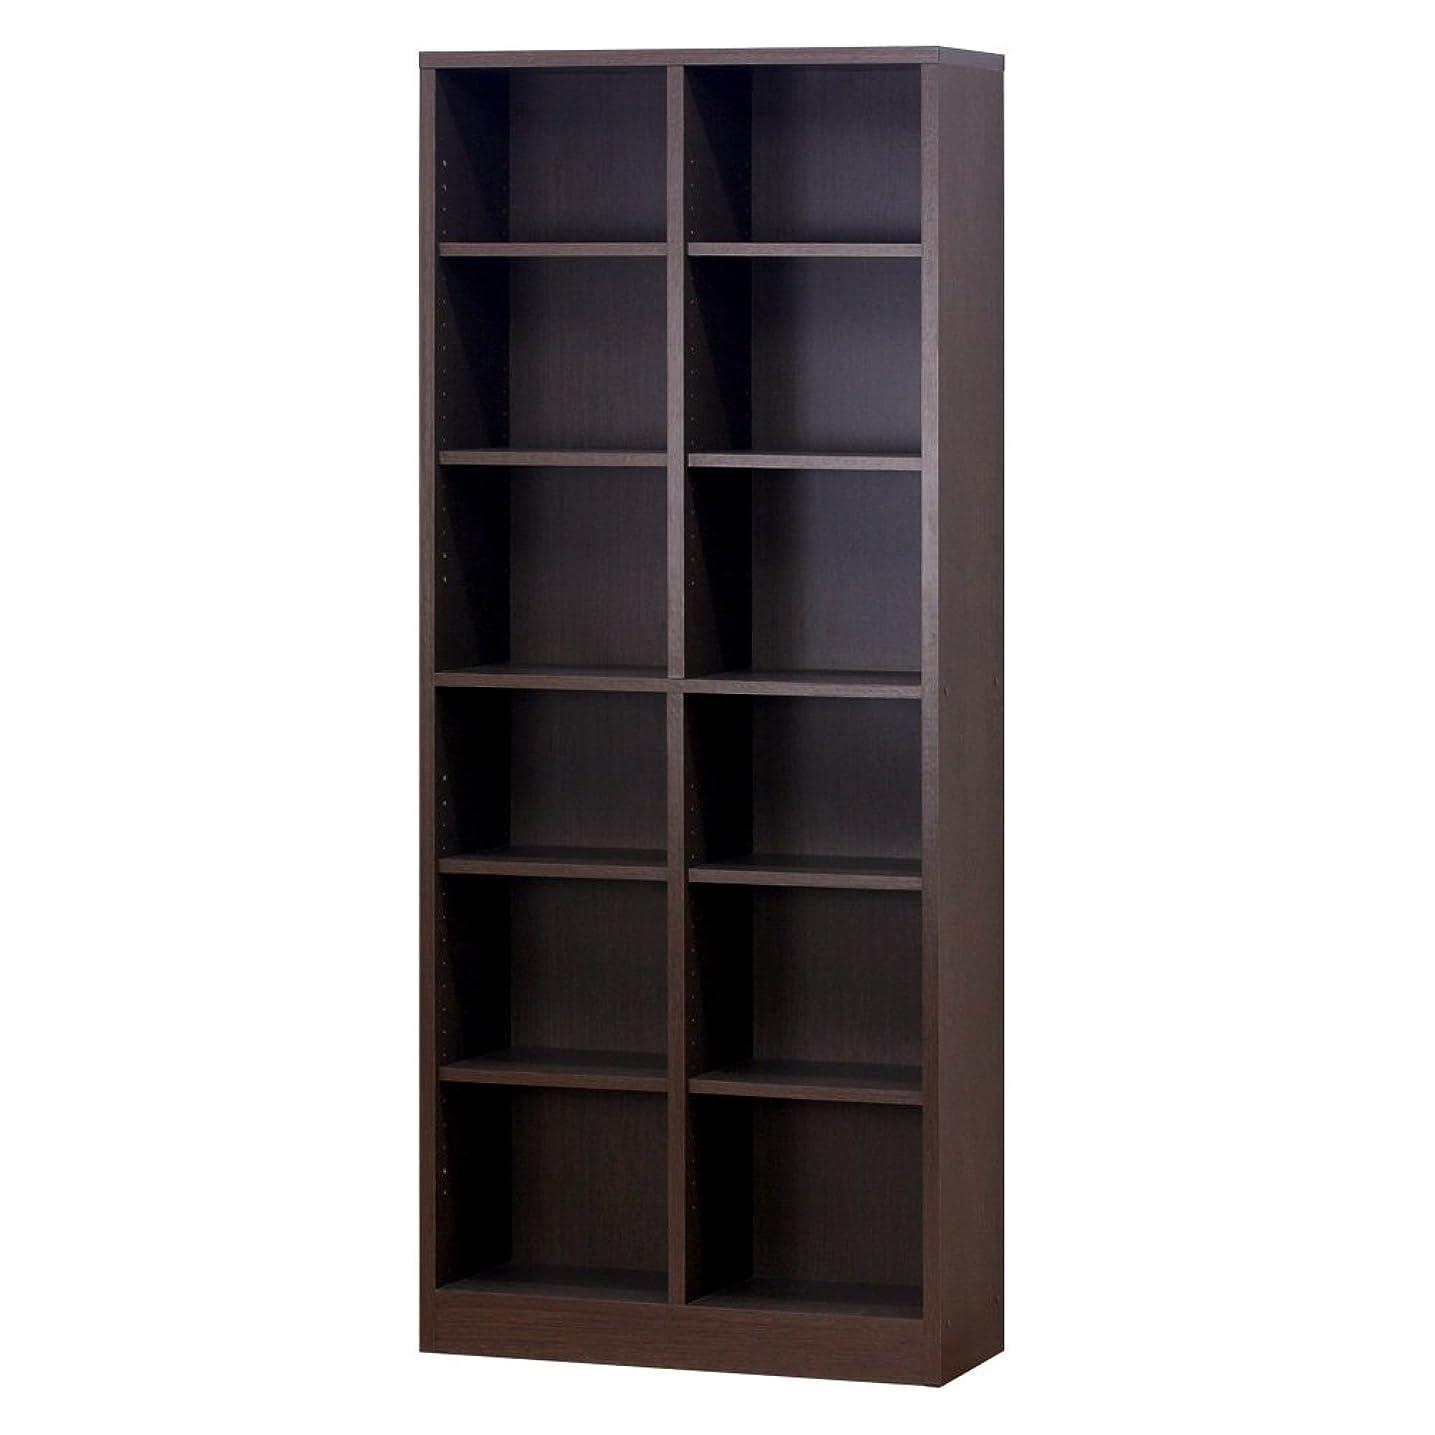 エスカレーター宗教抵抗力があるクロシオ 万能カスタム書棚 シェルフ7518 ブラウン 幅75cm奥行29.5cm高さ180cm